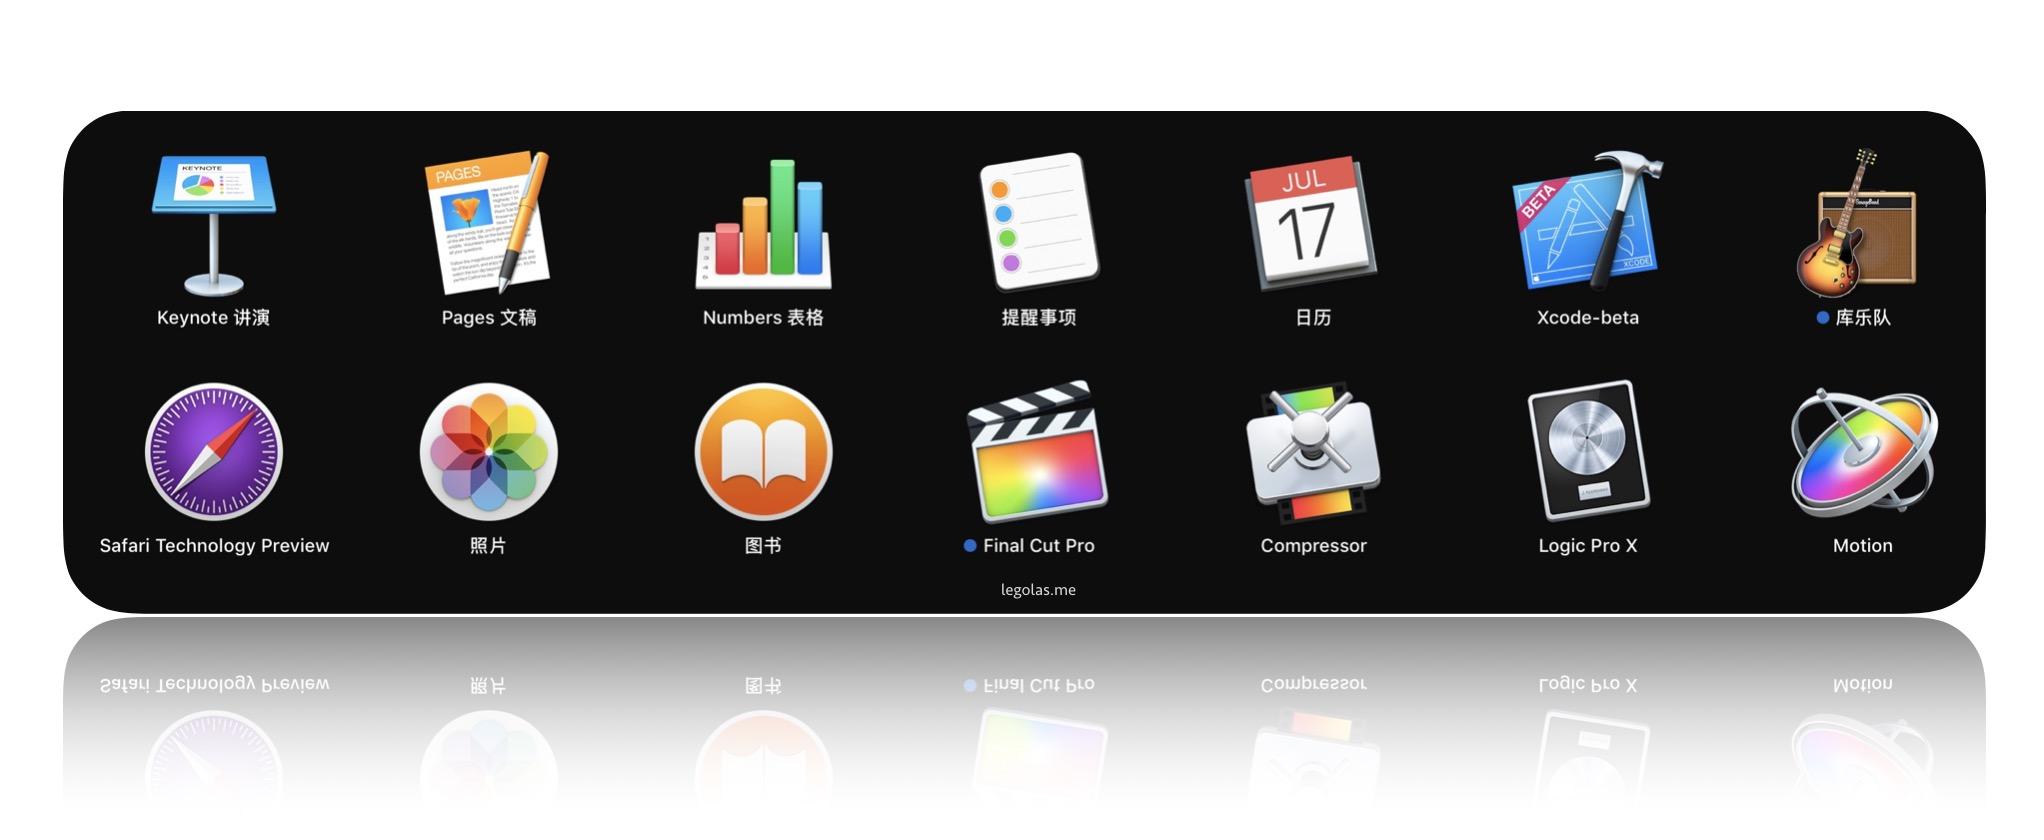 部分苹果出品的软件